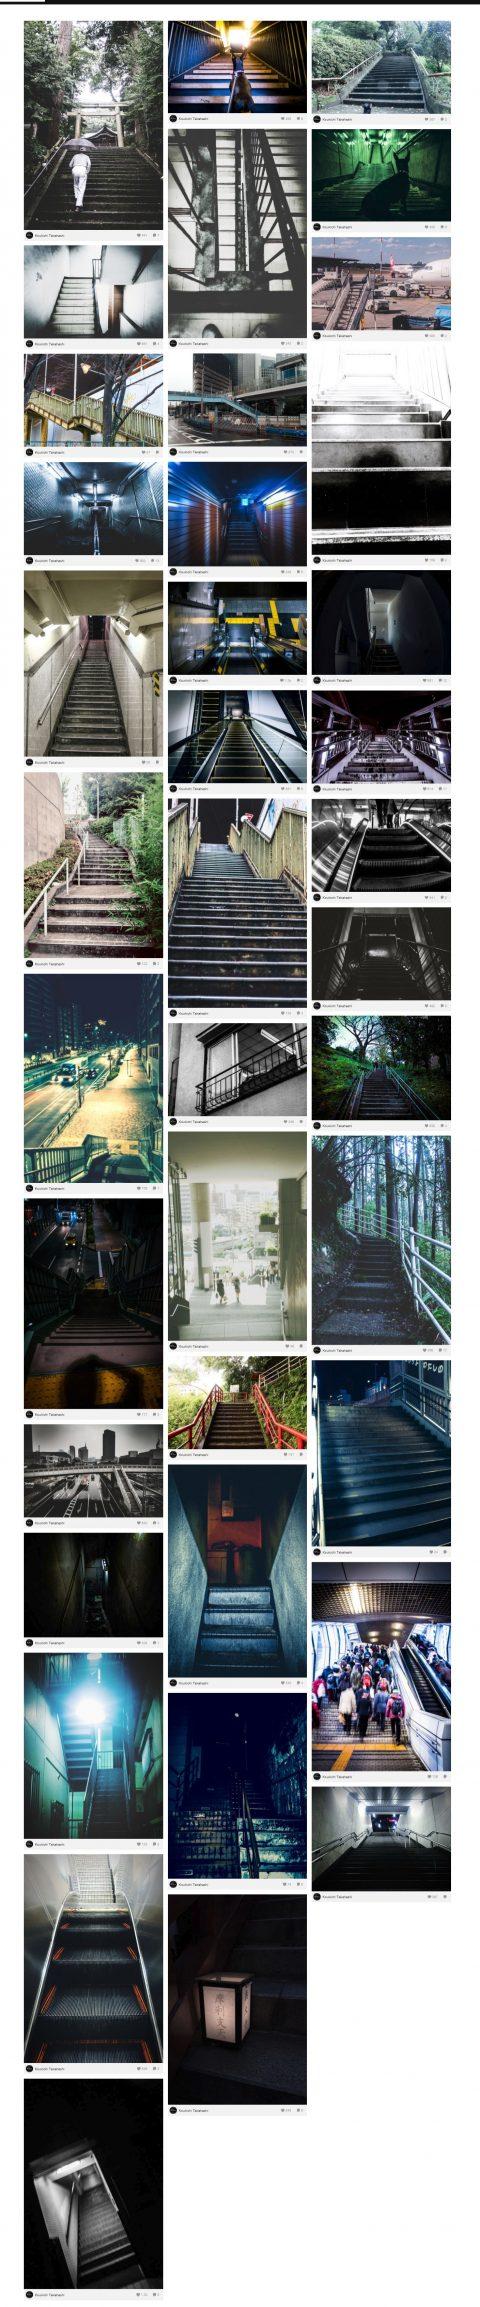 インスタグラムに怪しげな階段写真をアップ!I posted ominous stairs photograph to Instagram